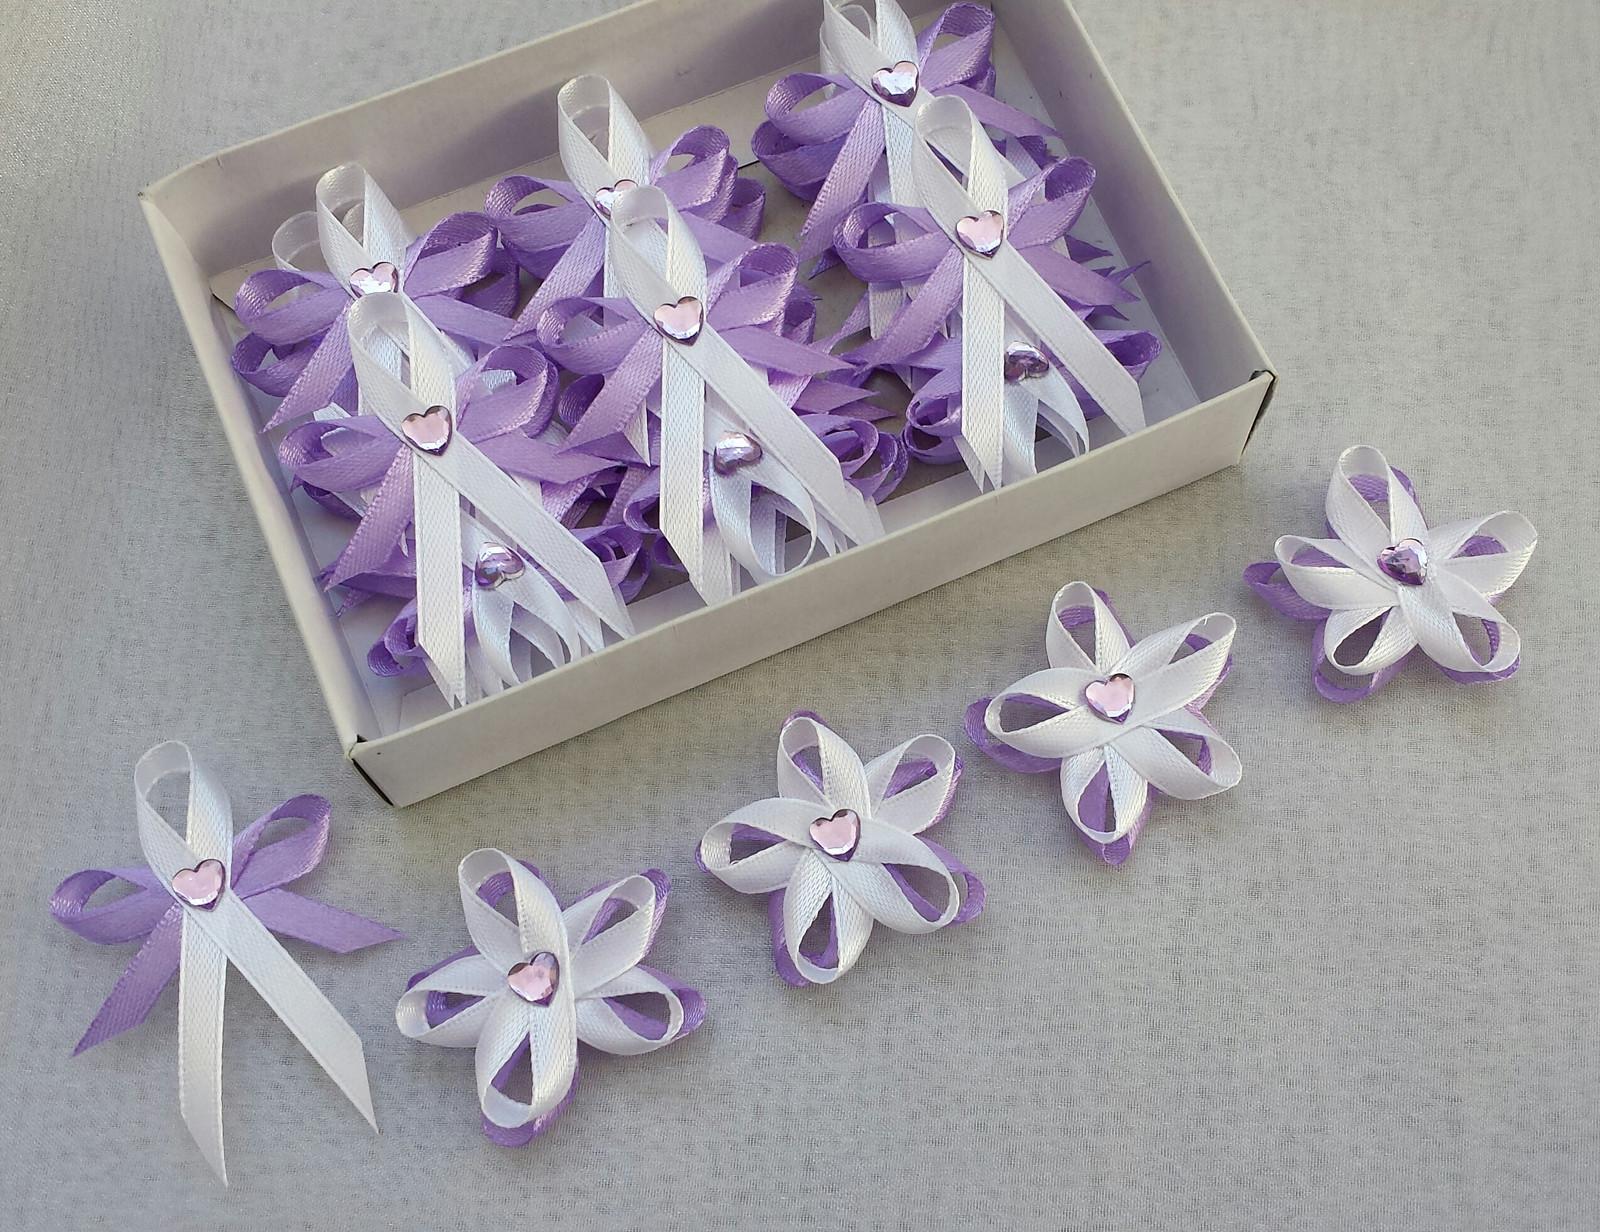 Kvetinkove lila svatební vývazky se srdíčkem - Obrázek č. 1